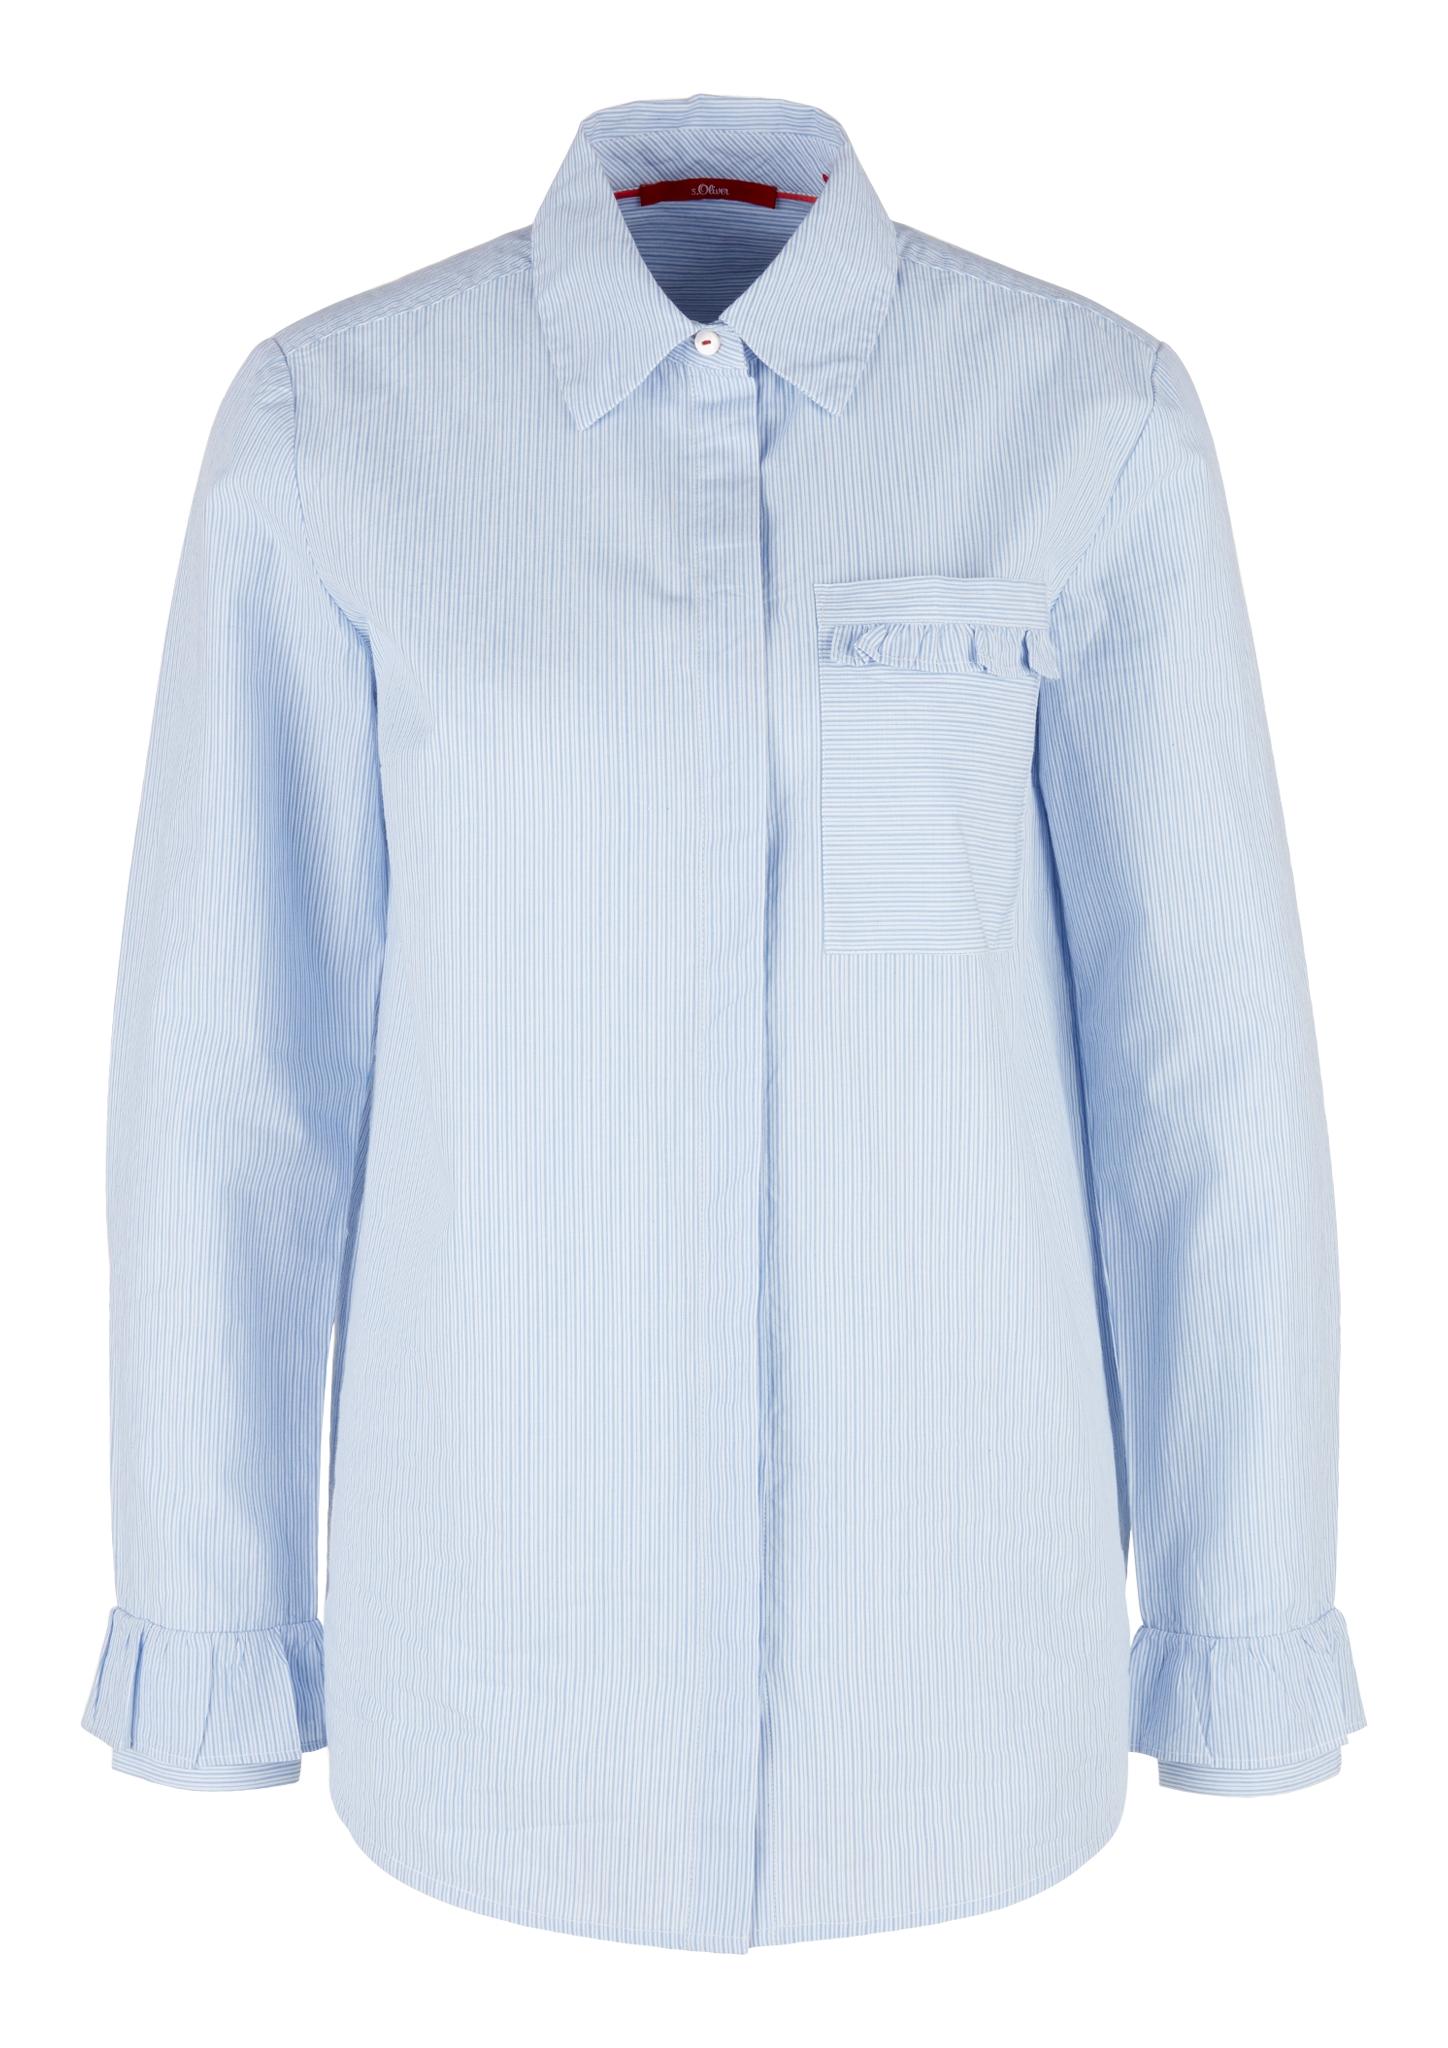 Rüschenbluse | Bekleidung > Blusen > Rüschenblusen | Blau | 100% baumwolle | s.Oliver